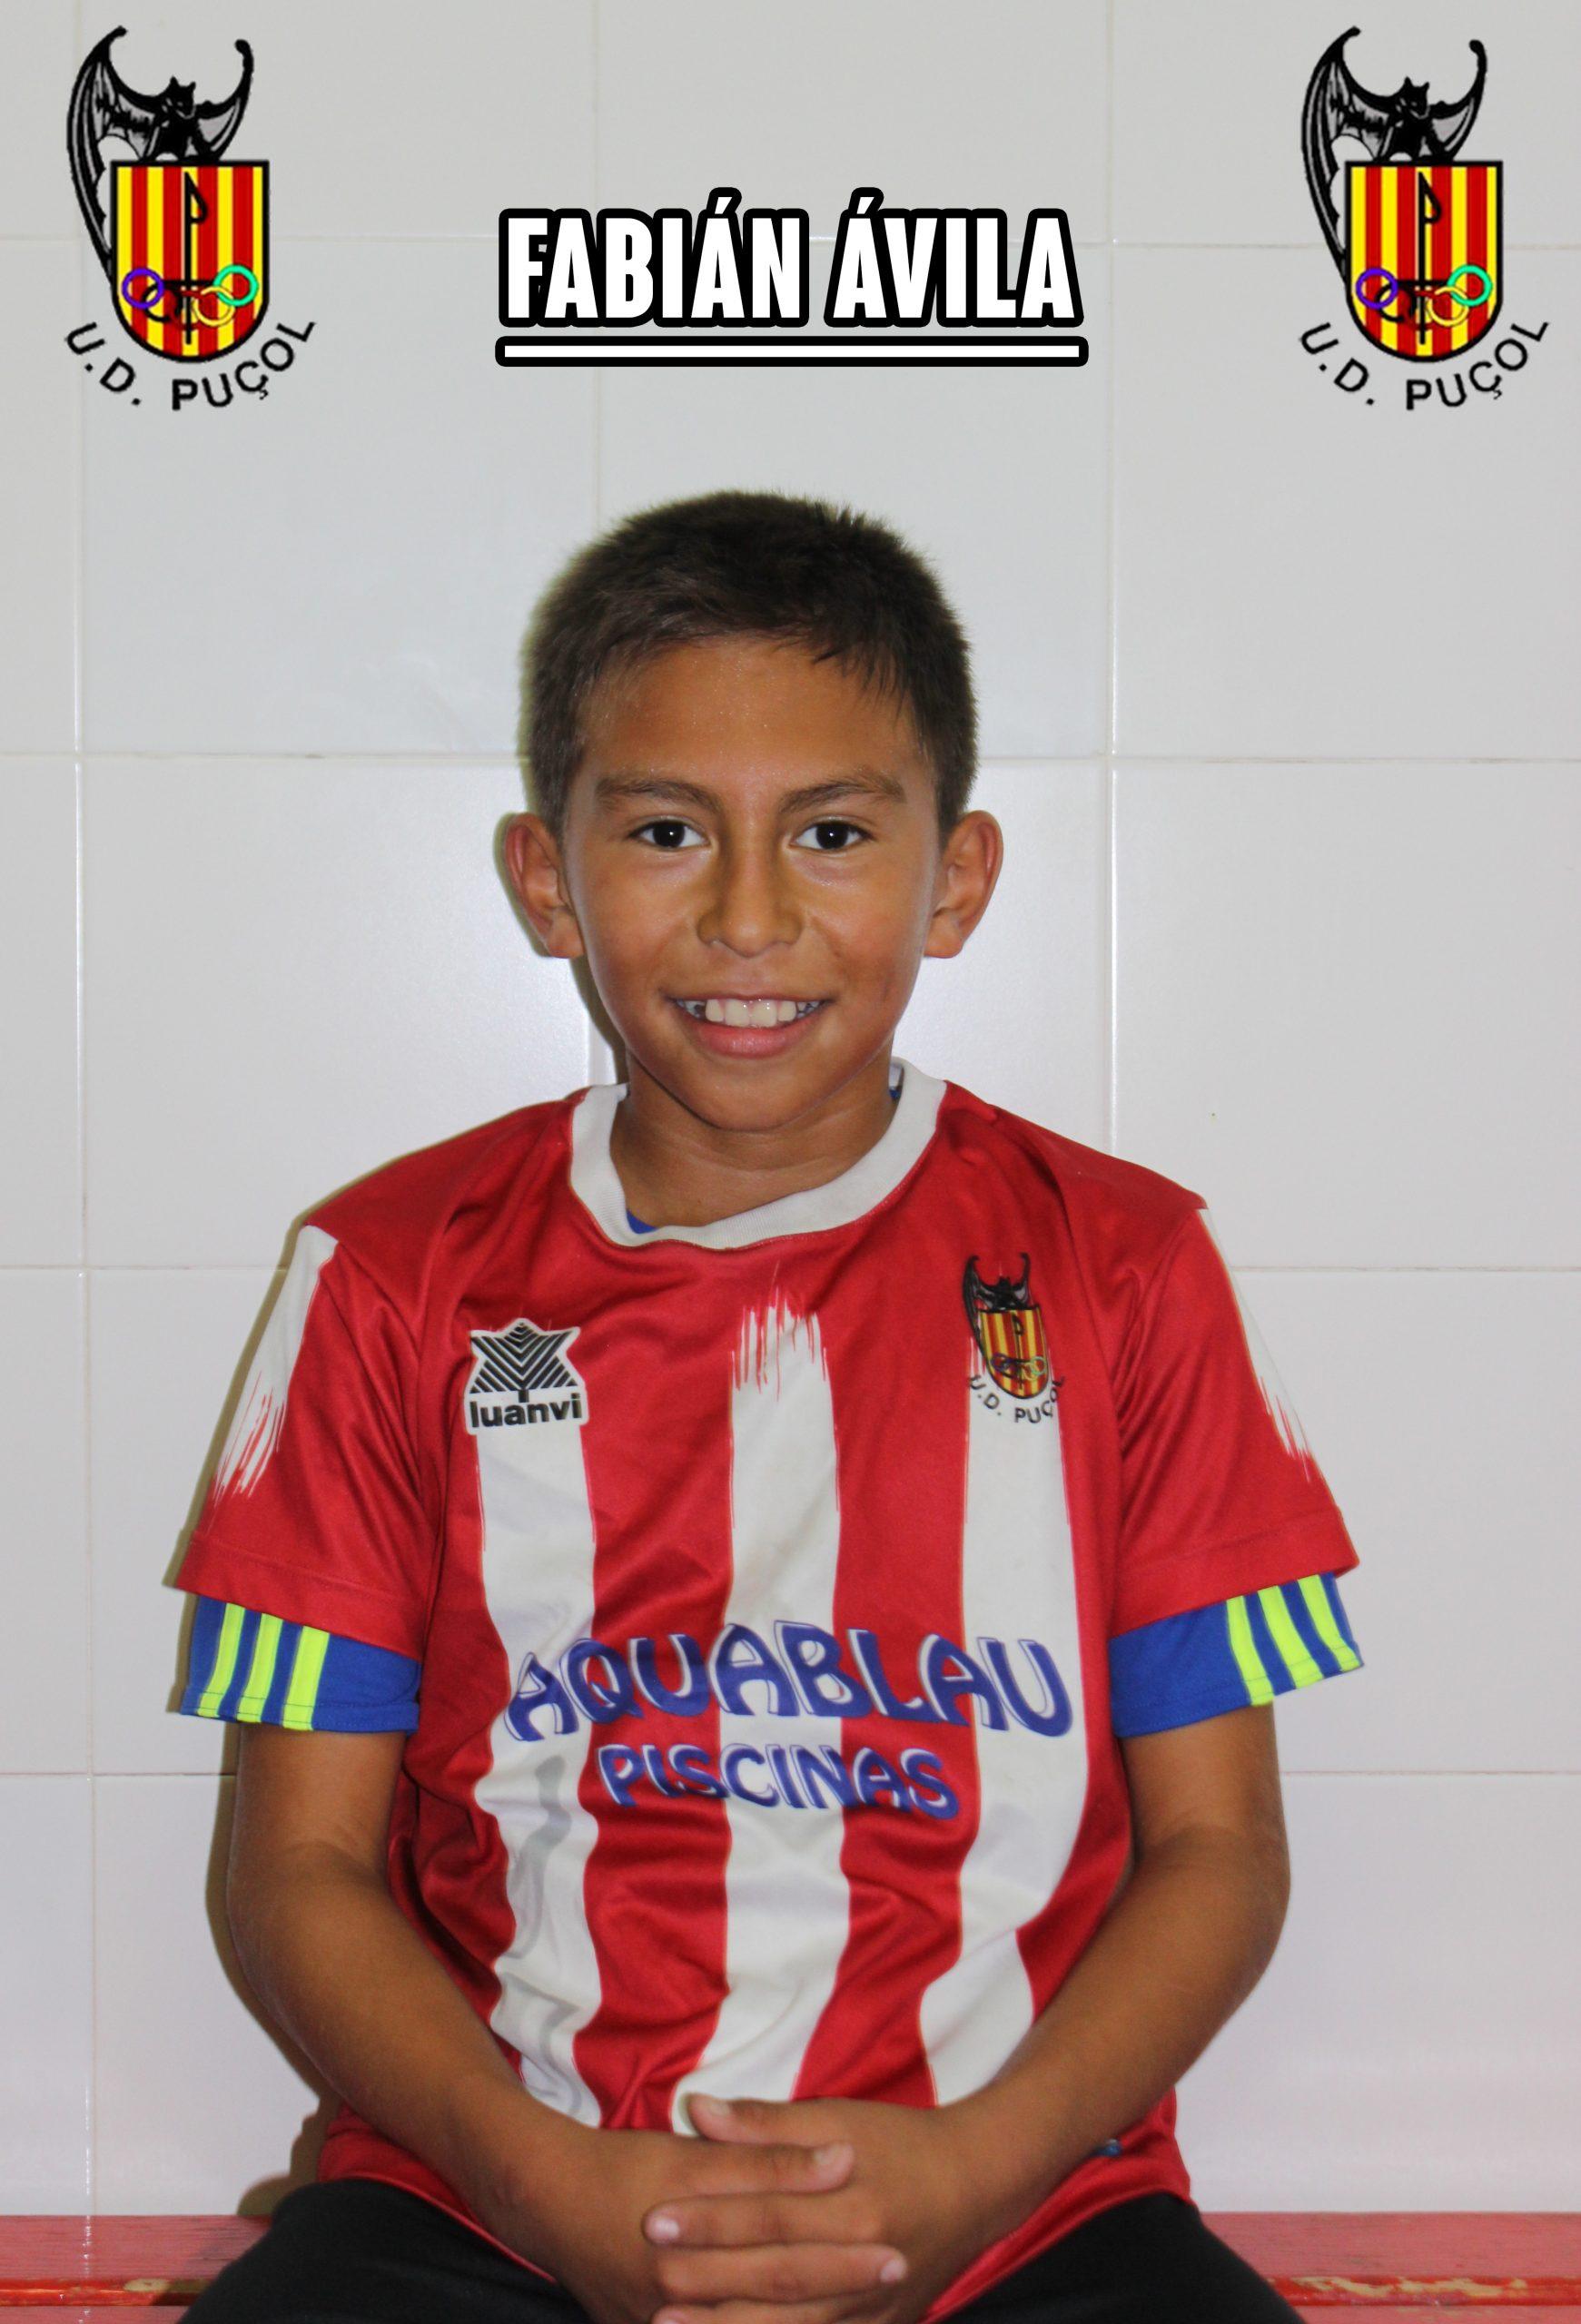 Fabián Ávila